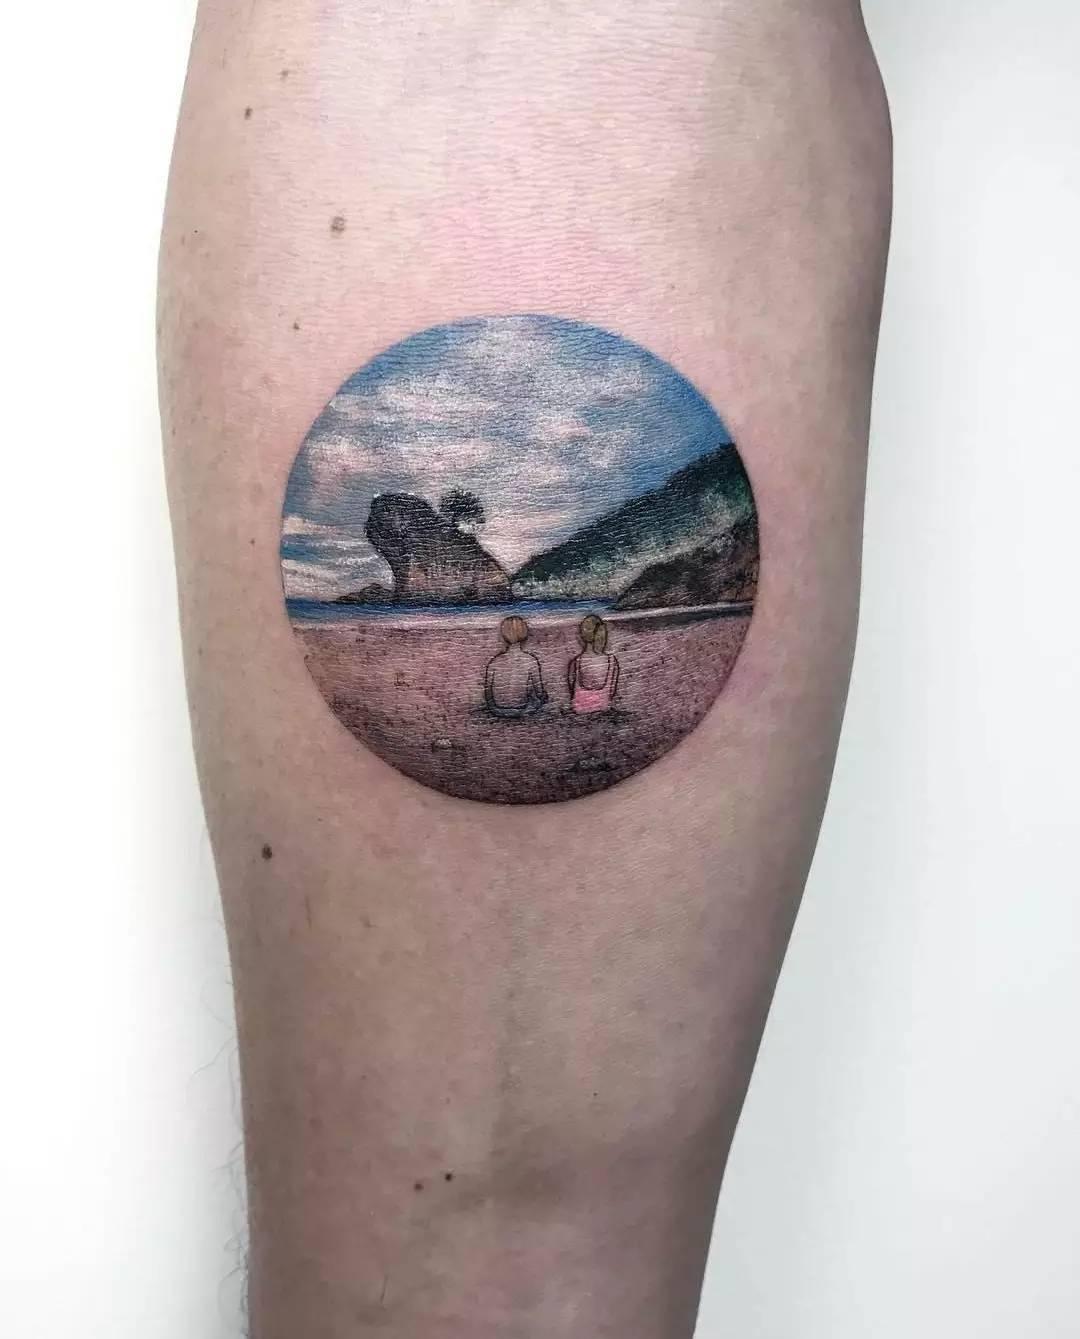 特二电台每日纹身图集 每天超多多多多福利图~ 我是花臂小公主喵子